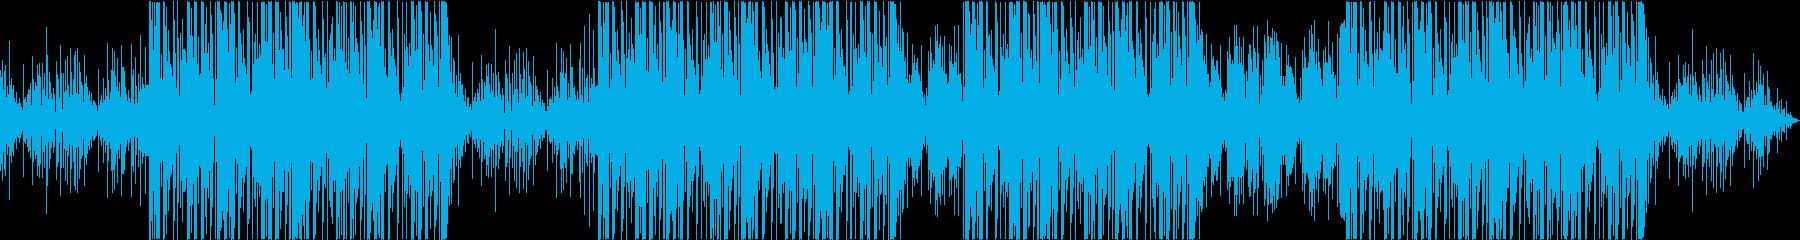 ヒップホップ トラップ 危険な雰囲気の再生済みの波形